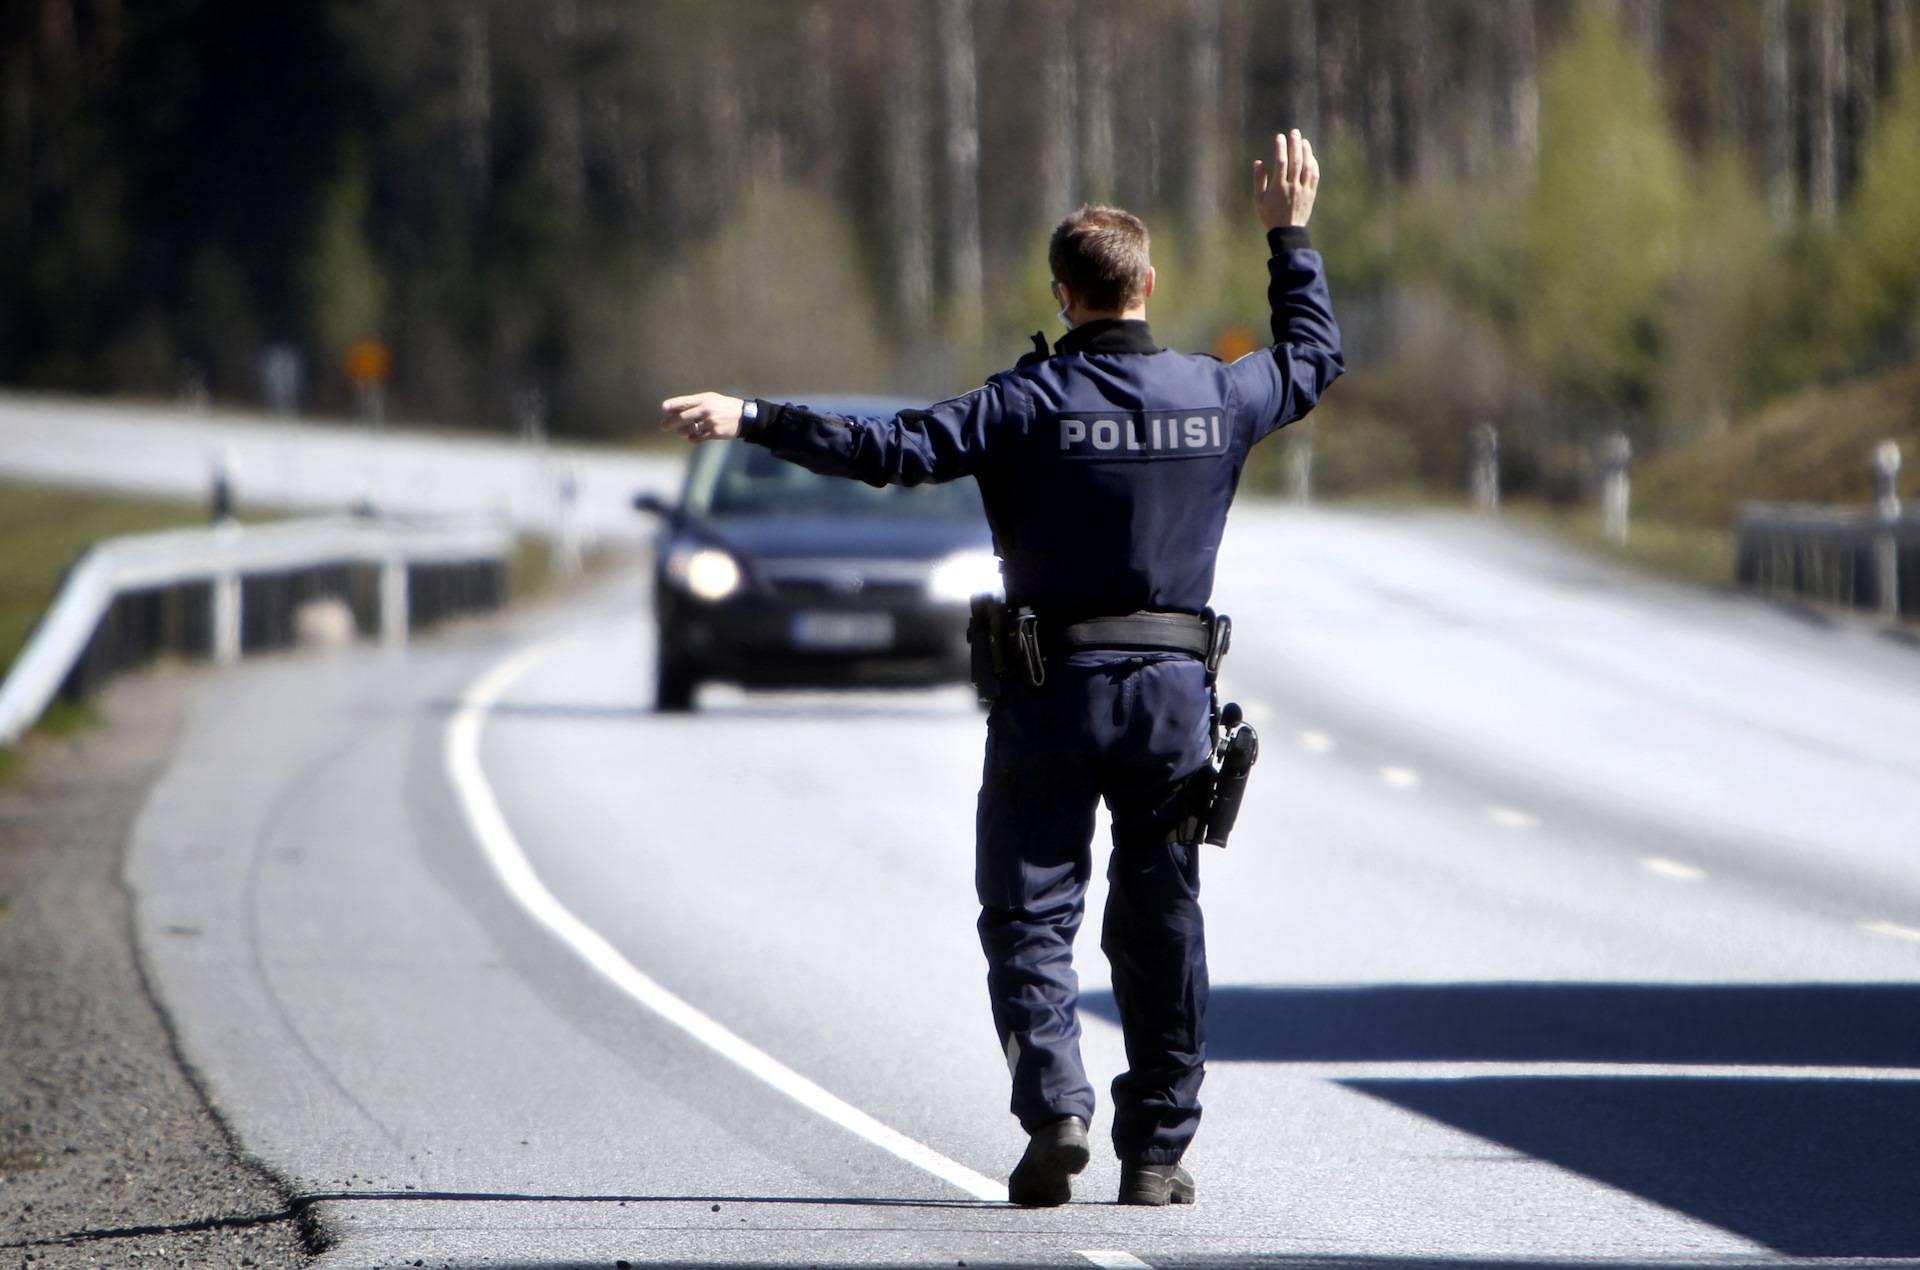 На автомобиле в финляндию - на автомобиле за границу - путешествия на автомобиле - разнообразные советы автолюбителям